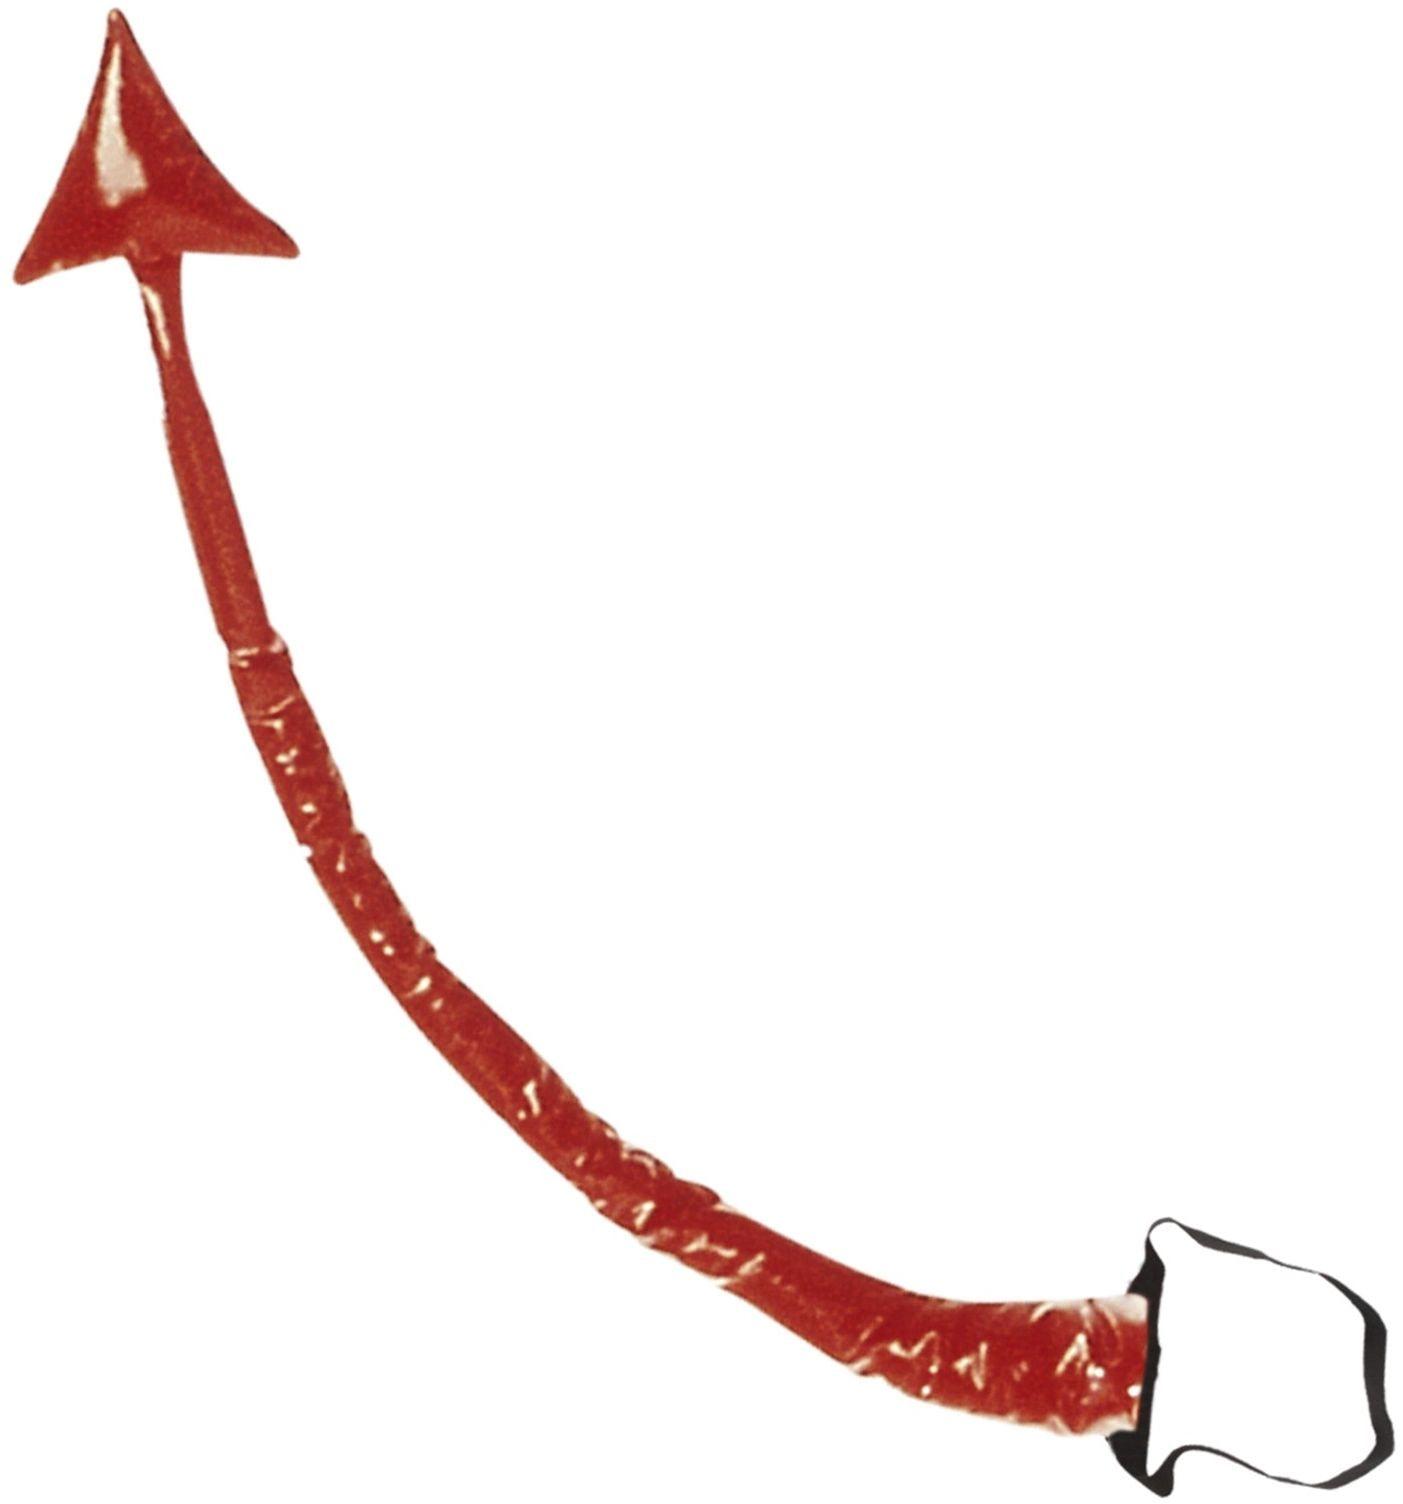 Rode duivel staart